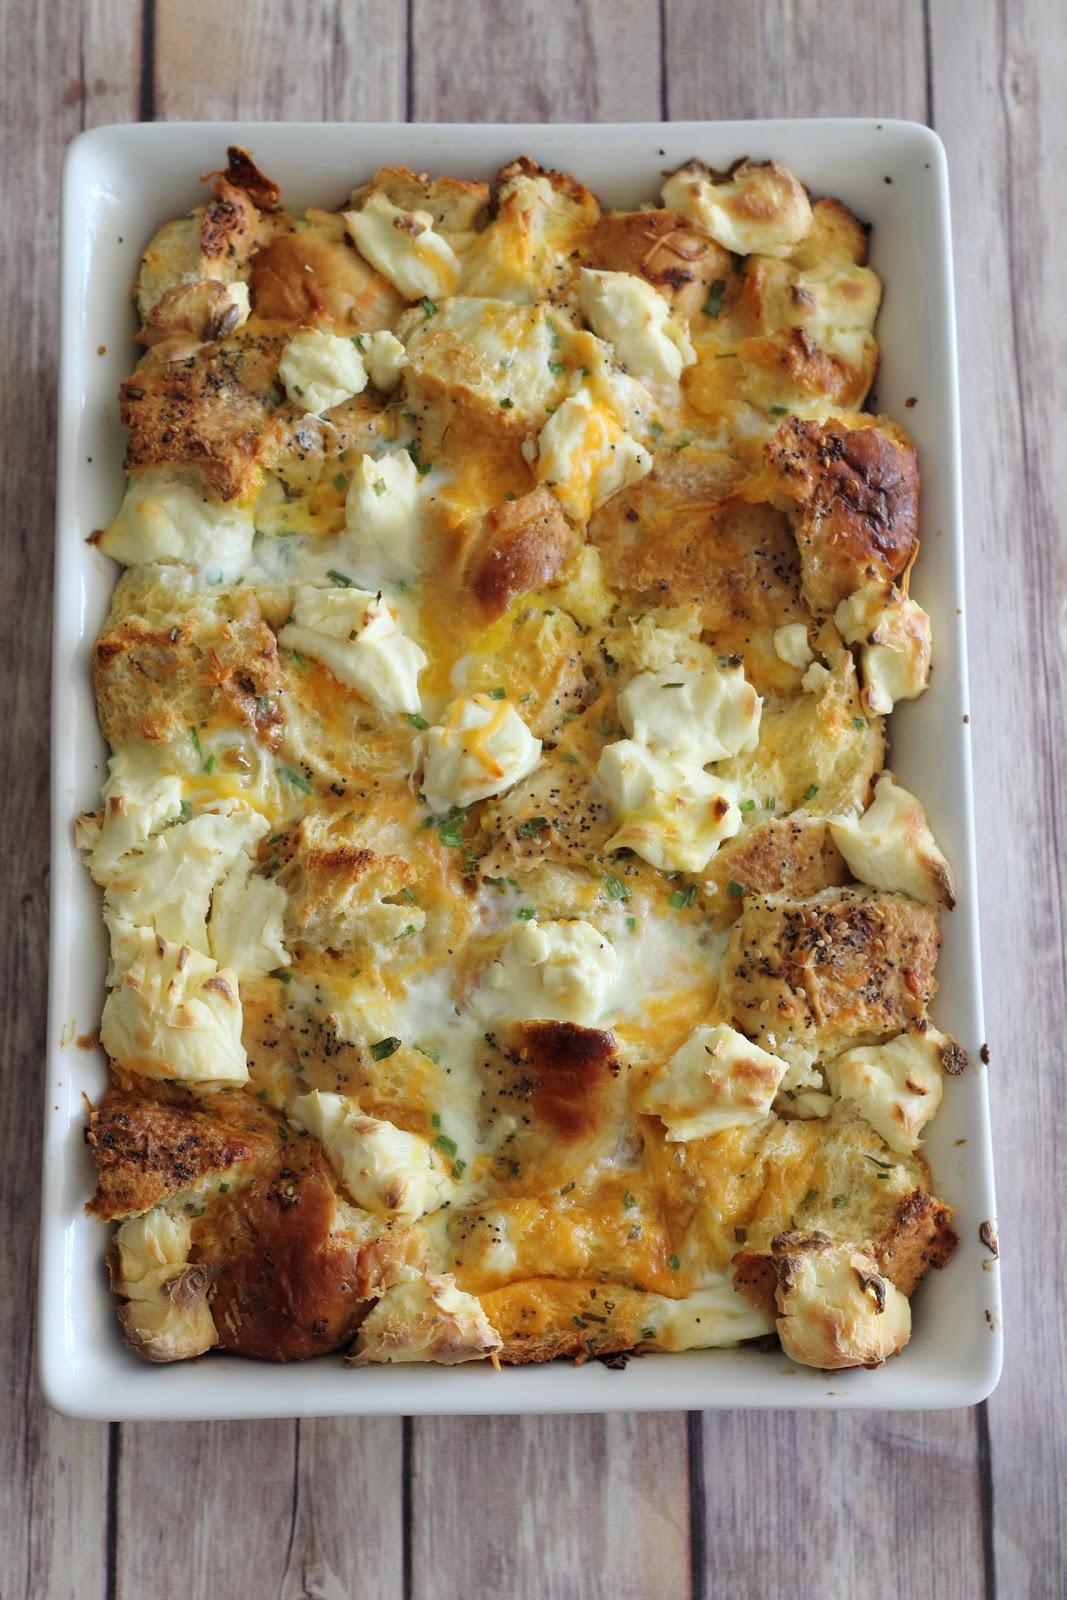 Make it Cozee: Sleepin' in Omelette